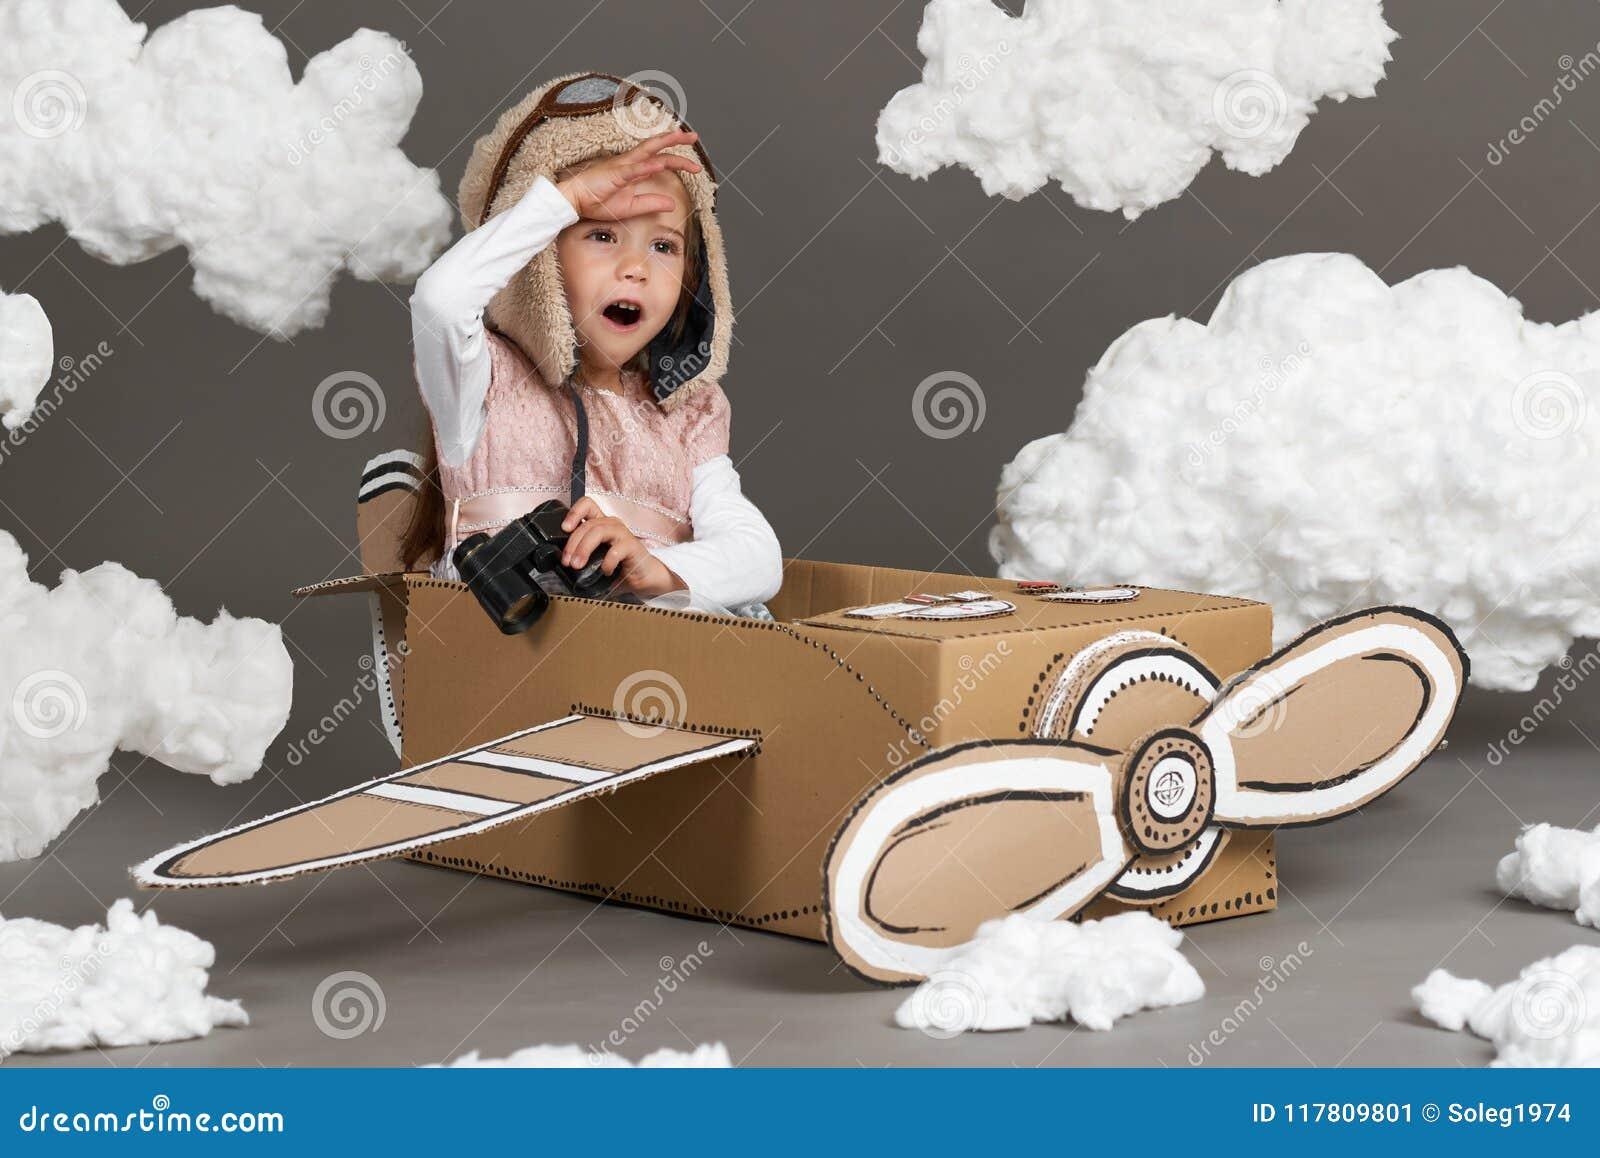 La fille d enfant joue dans un avion fait de boîte en carton et rêves de devenir un pilote, nuages d ouate sur un backgrou gris